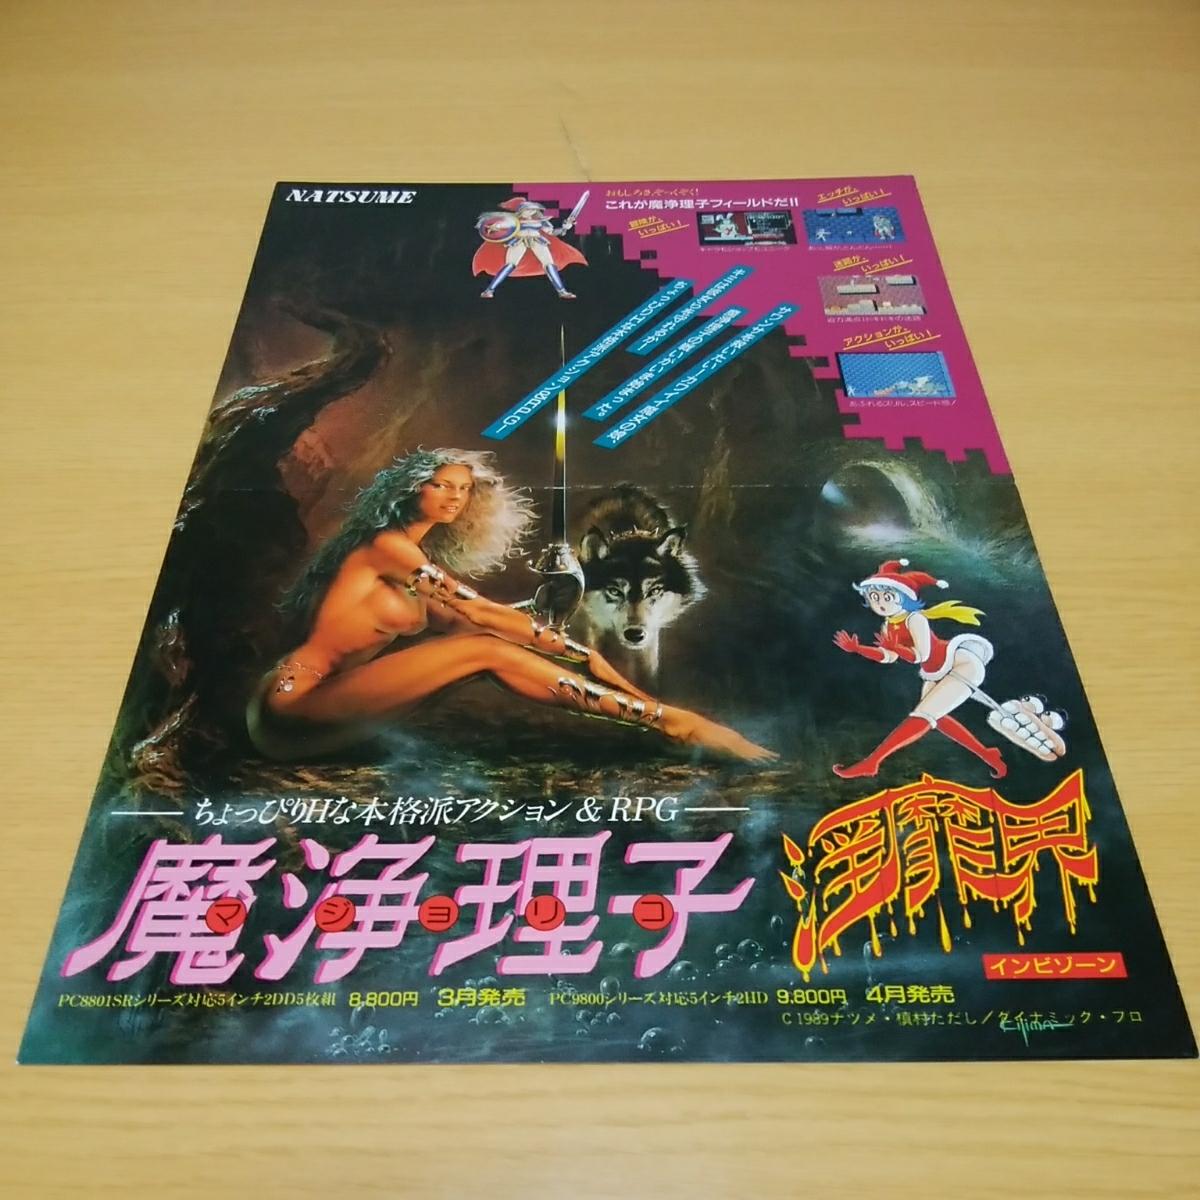 マジョリコ 魔浄理子 PC-8801 チラシ 販促 美品 レア ゲーム ナツメ NATSUME